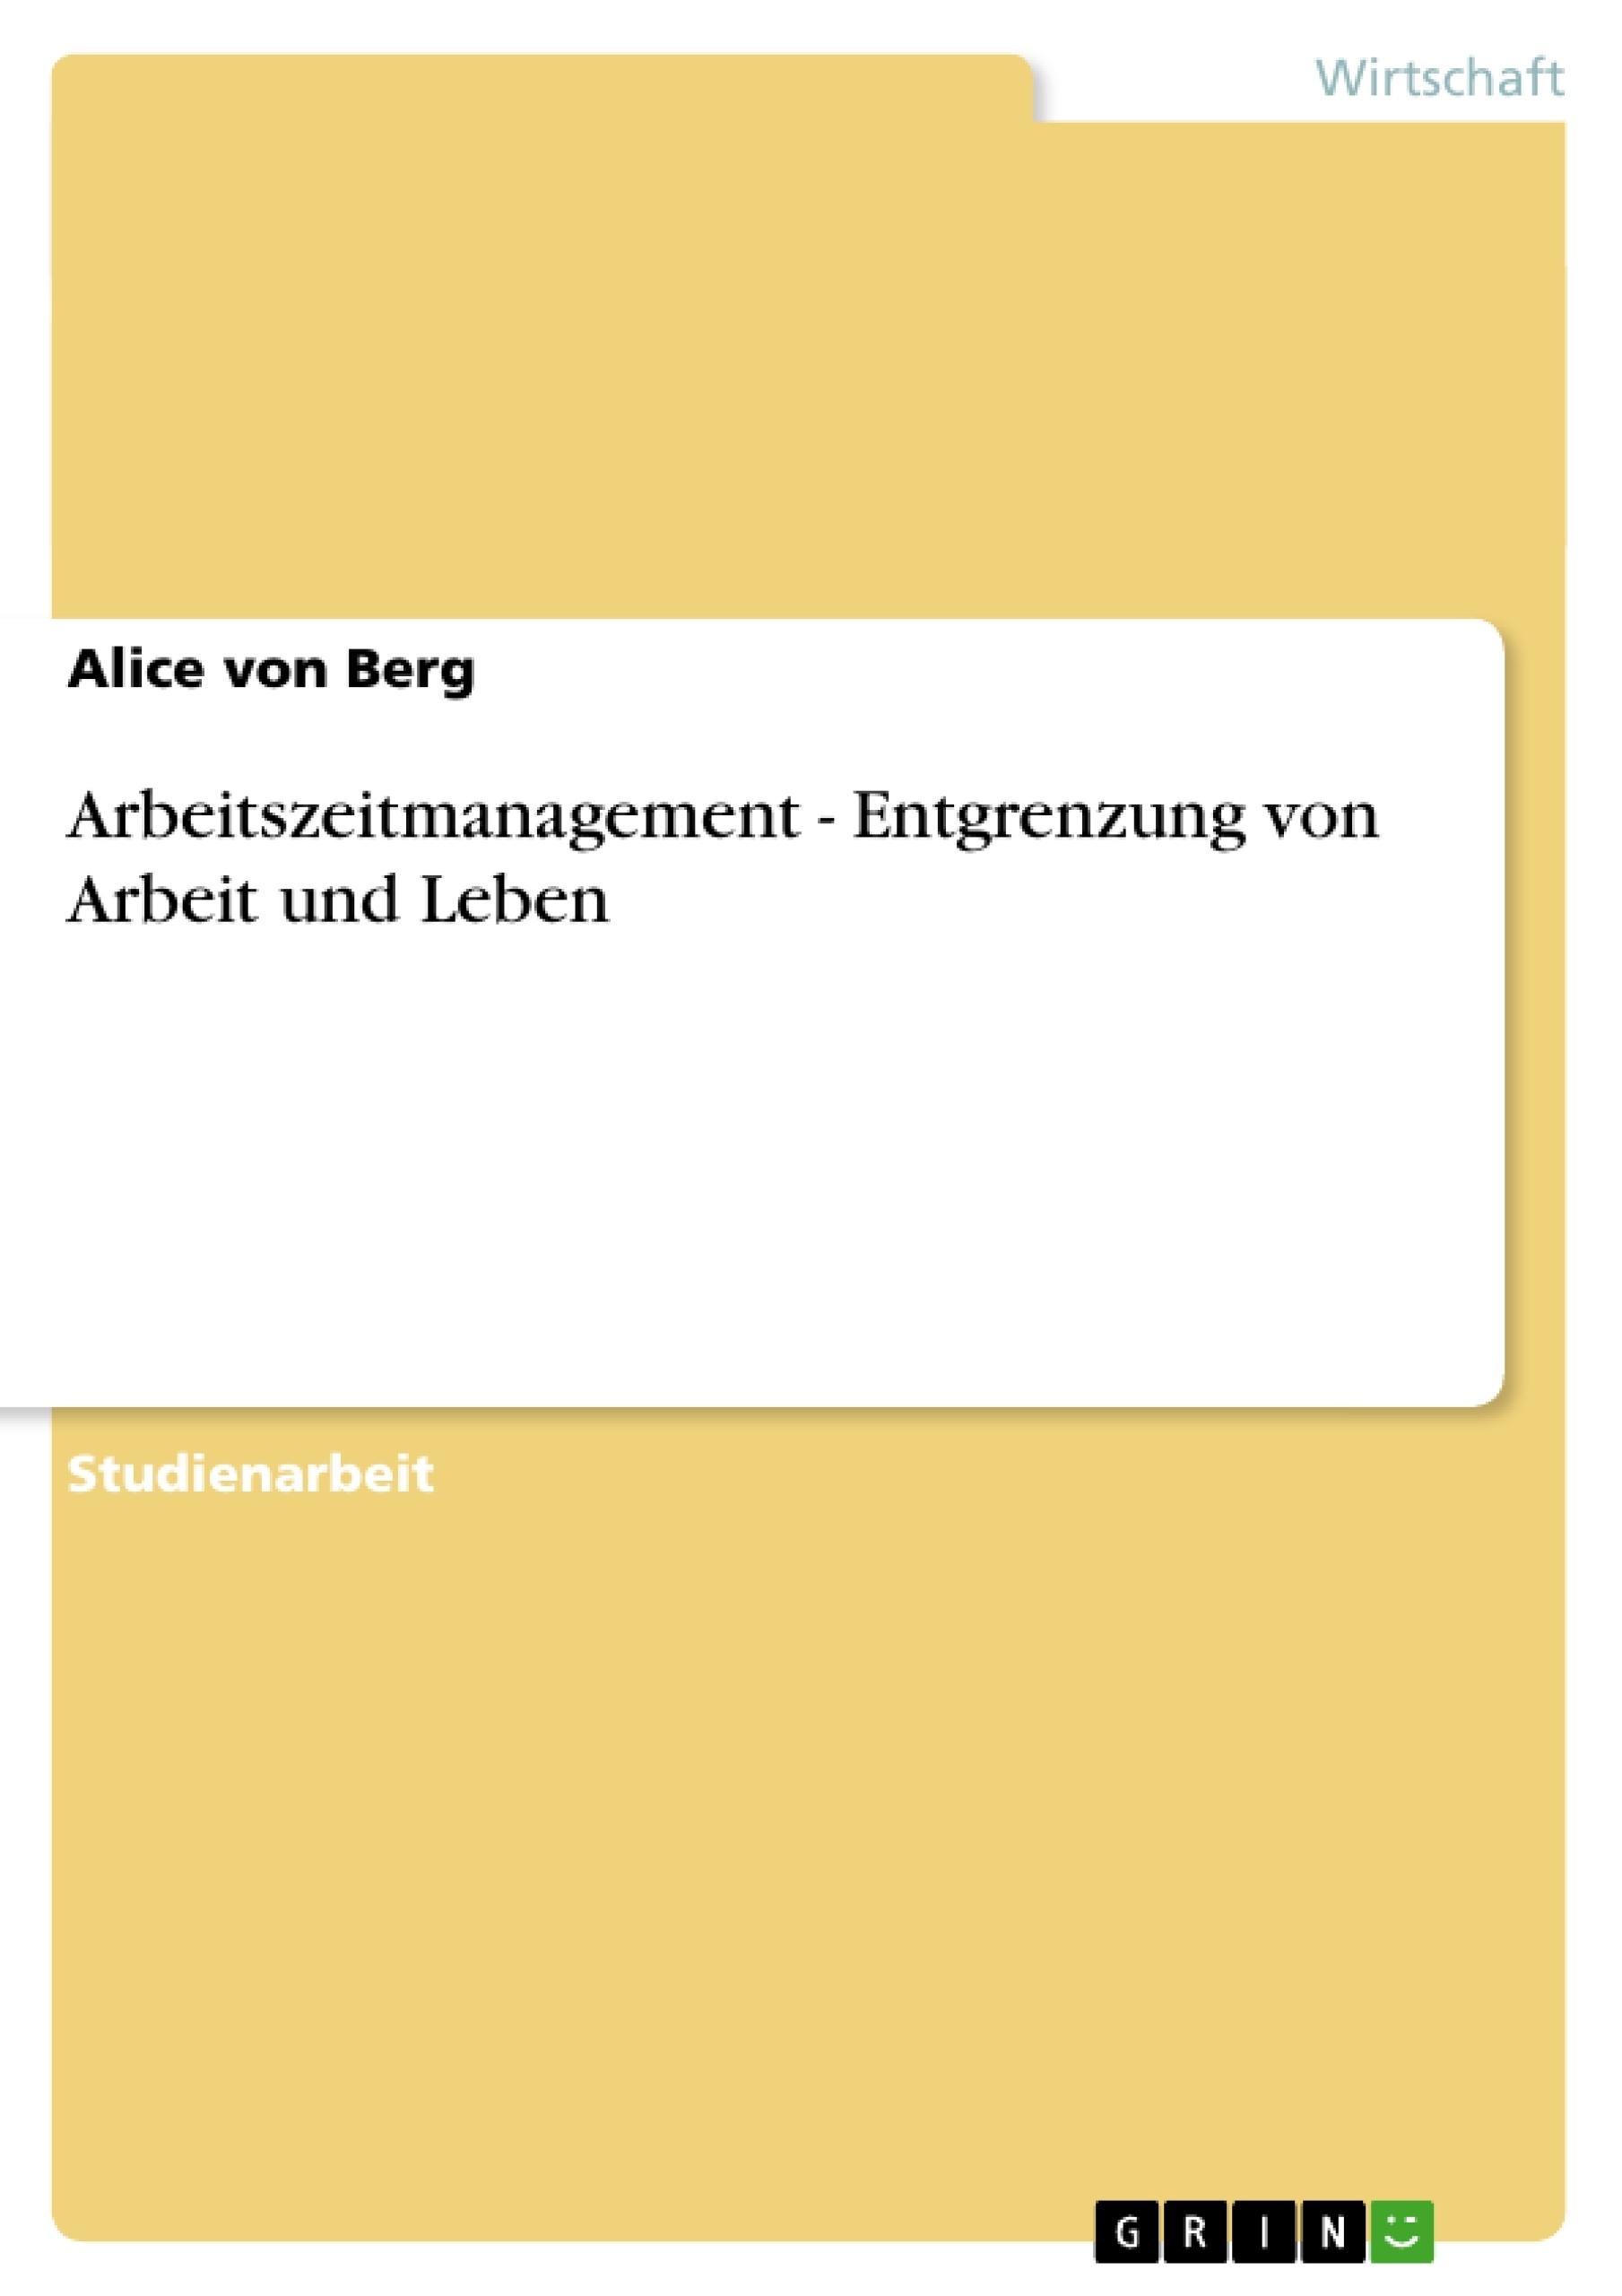 Titel: Arbeitszeitmanagement - Entgrenzung von Arbeit und Leben